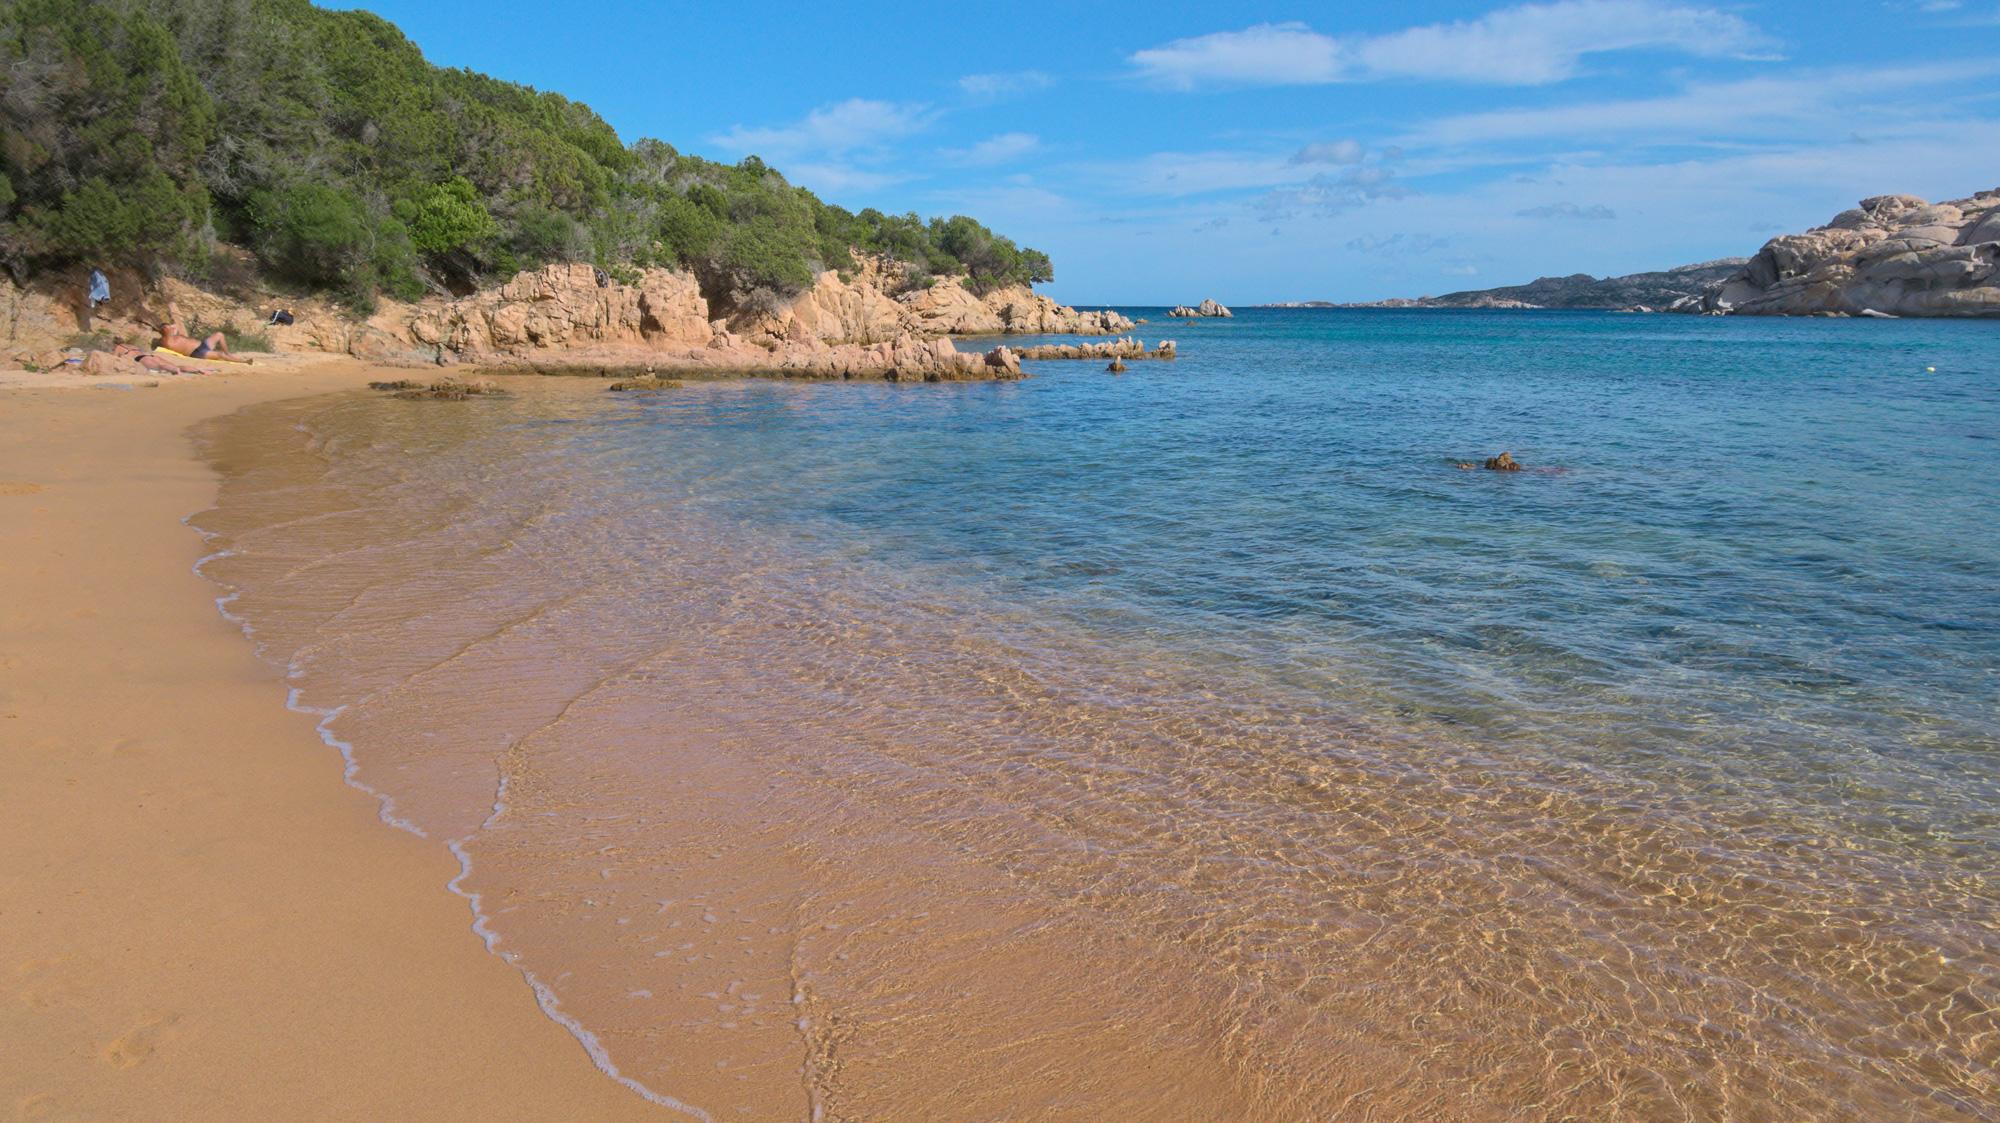 Spiaggia del Costone auf La Maddalena